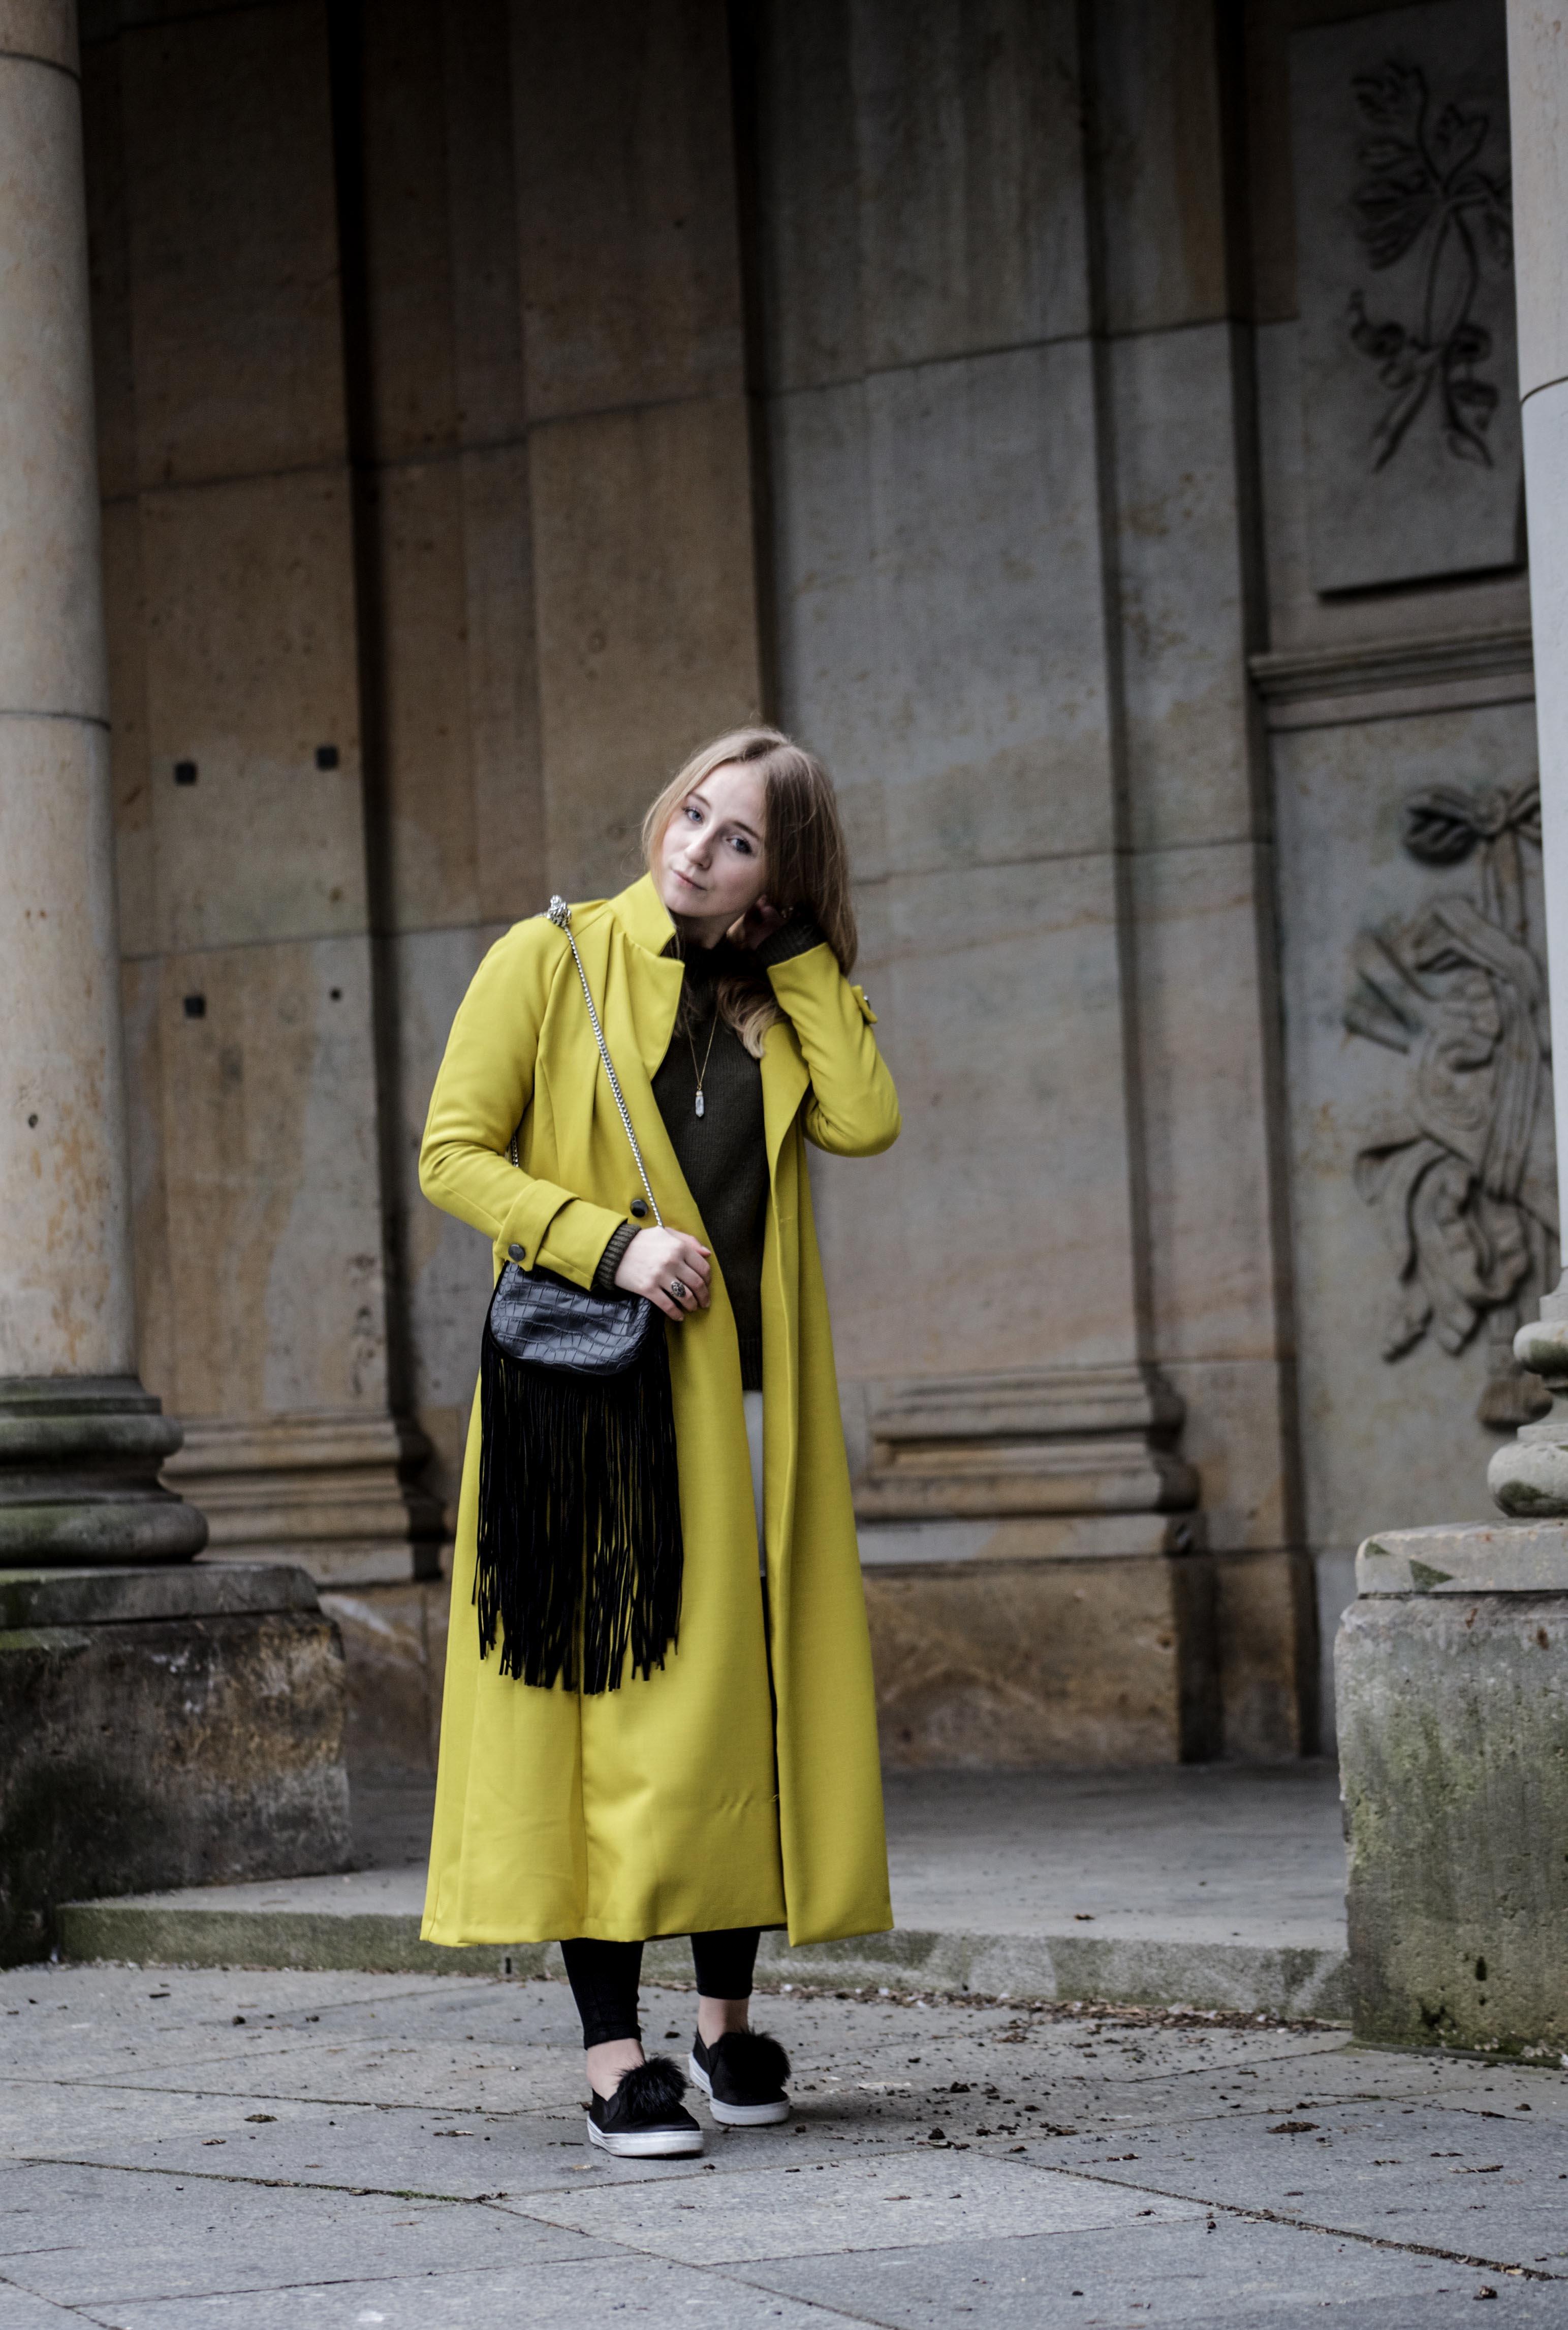 gelber-trenchcoat-frühling-outfit-sommer-fashionblog-modeblog_6273